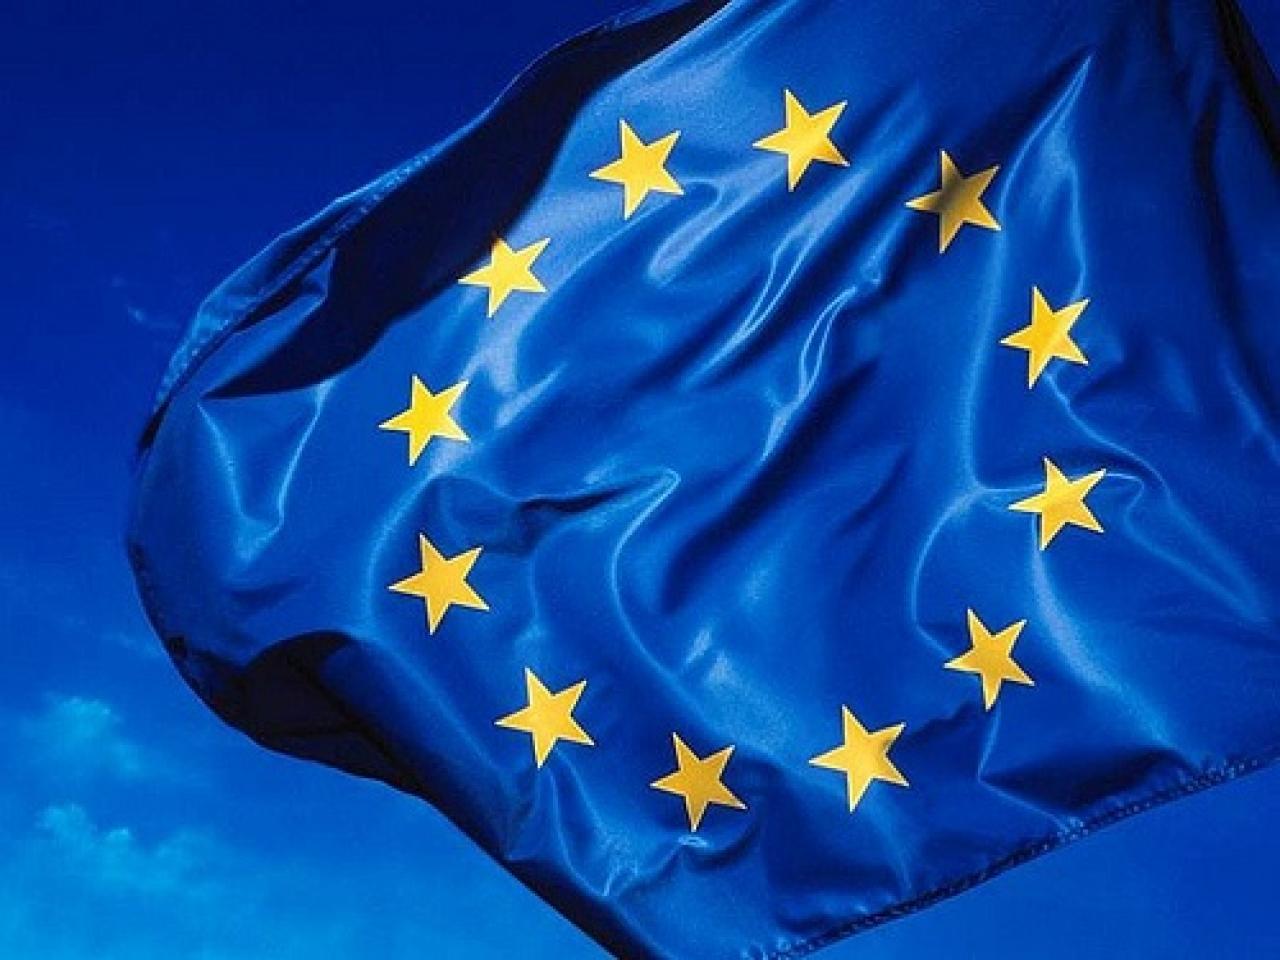 全球资讯_欧盟将对全球银行监管单位施压 要求放宽资本规定